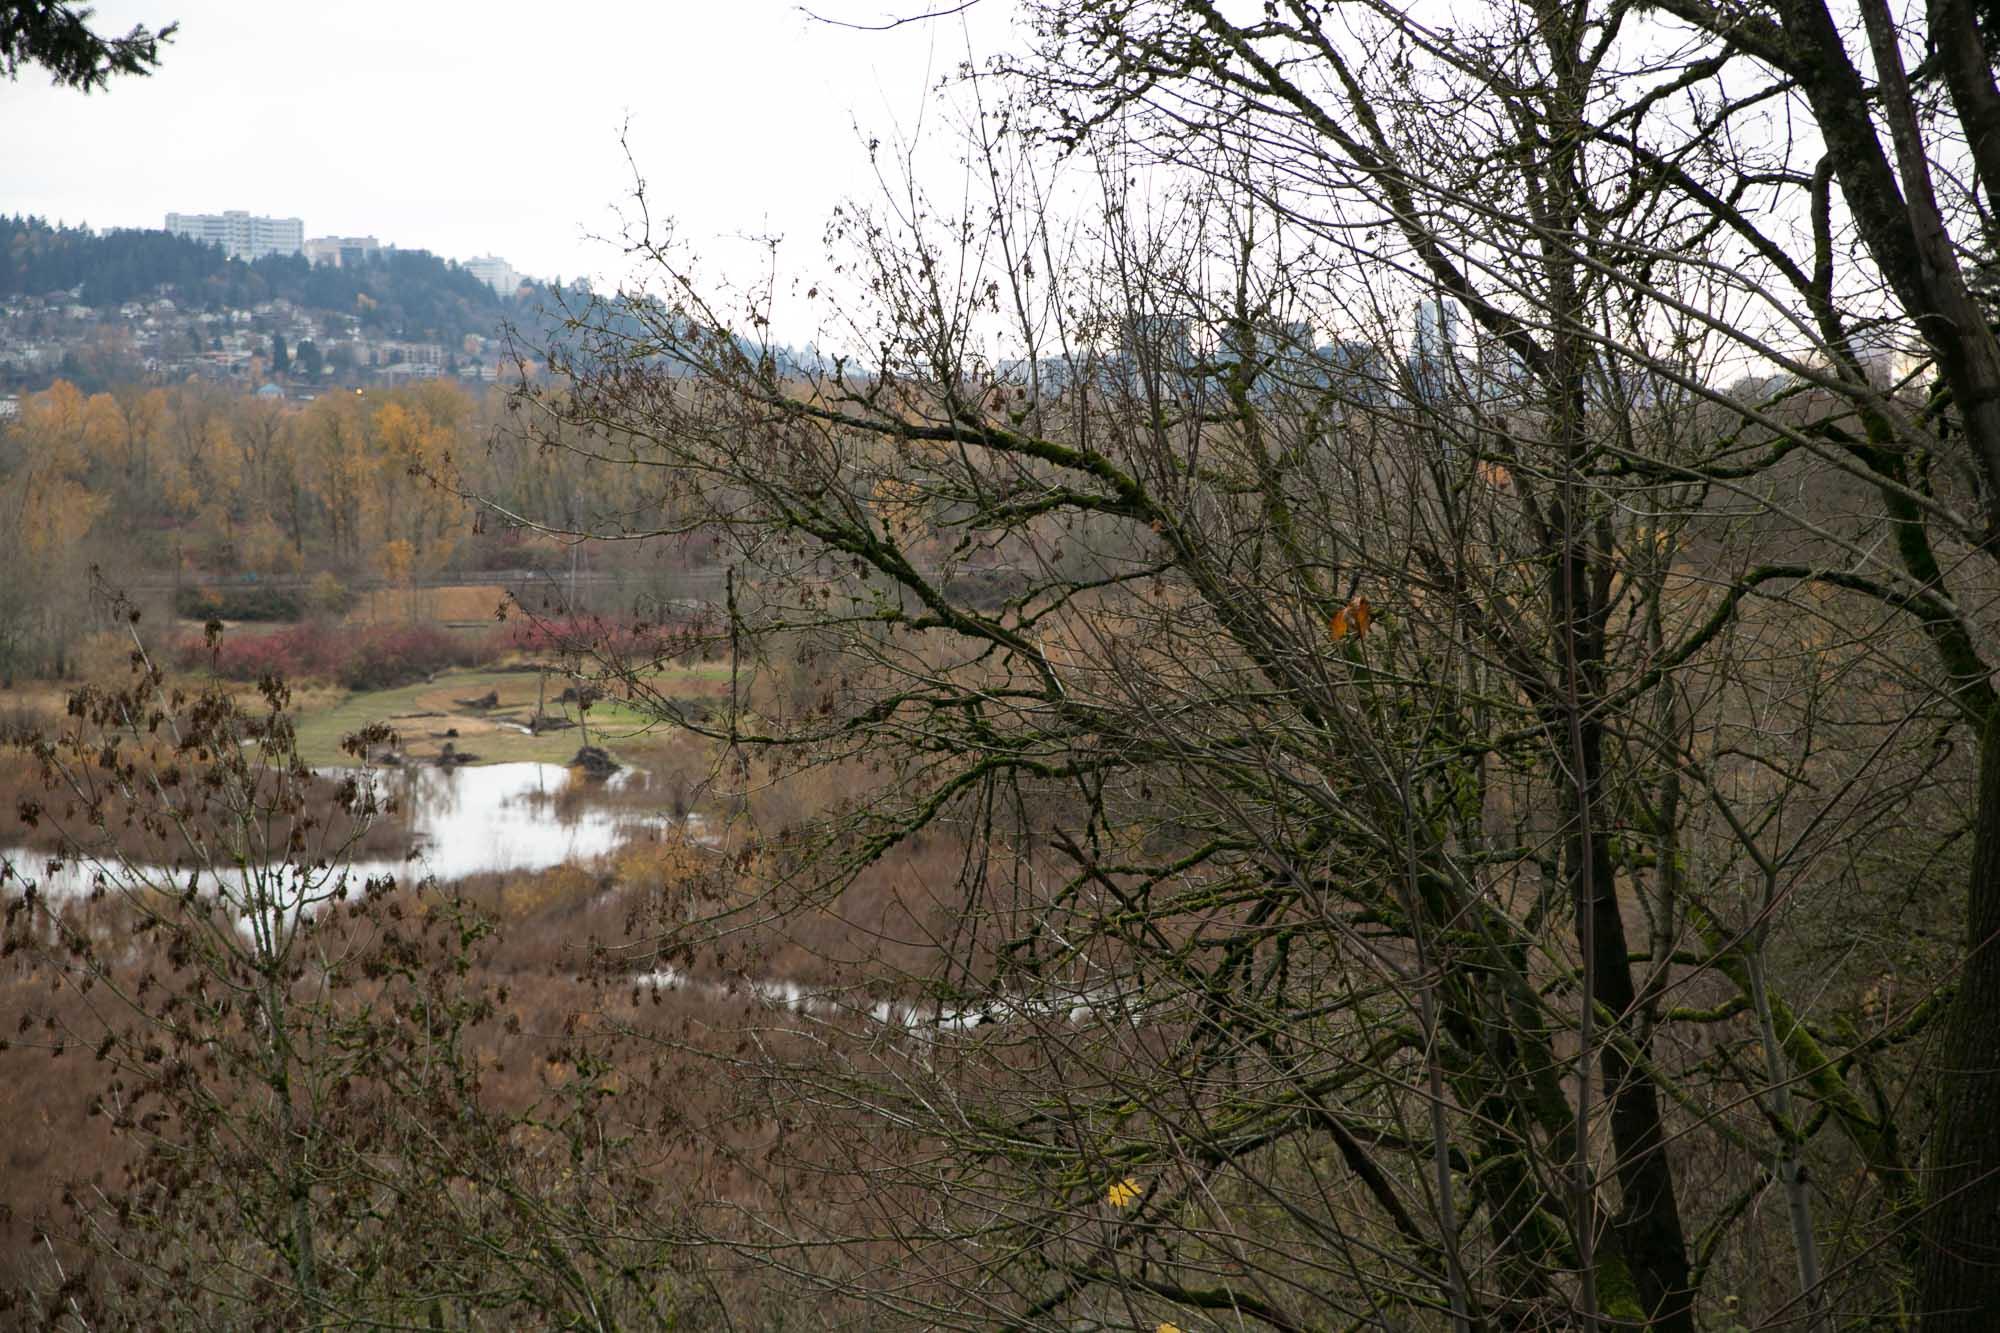 visit-sellwood-moreland-business-alliance_oaks-bottom-nature-preserve-park-3.jpg